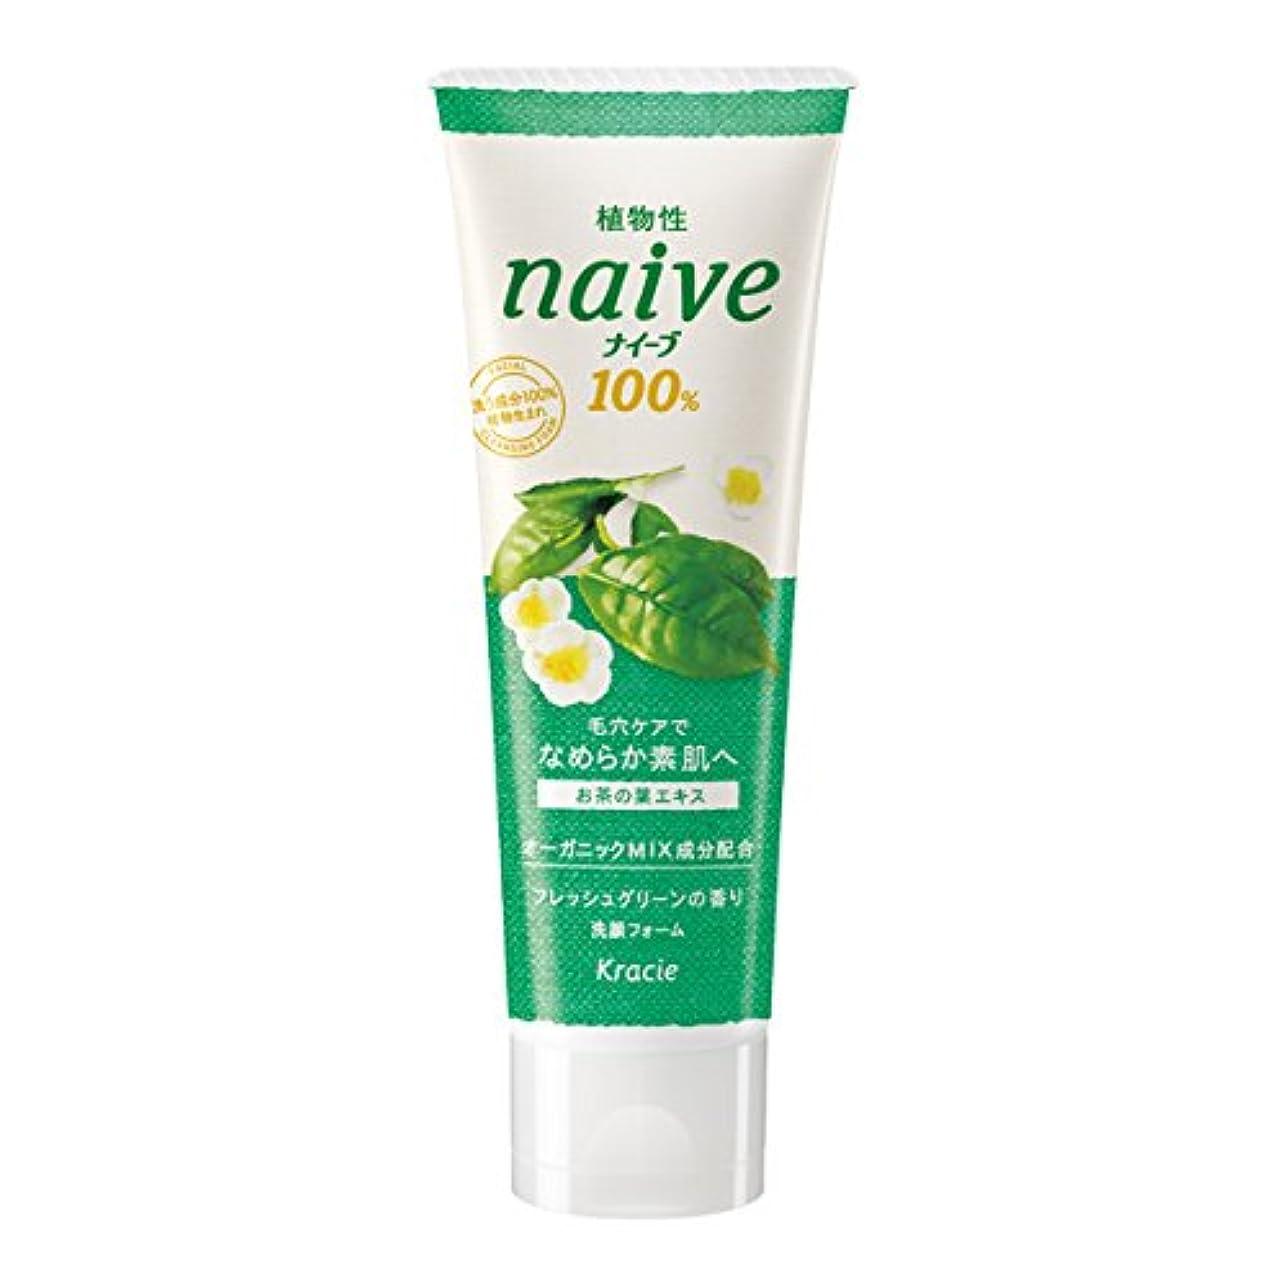 老朽化した垂直区画ナイーブ 洗顔フォーム (お茶の葉エキス配合) 110g